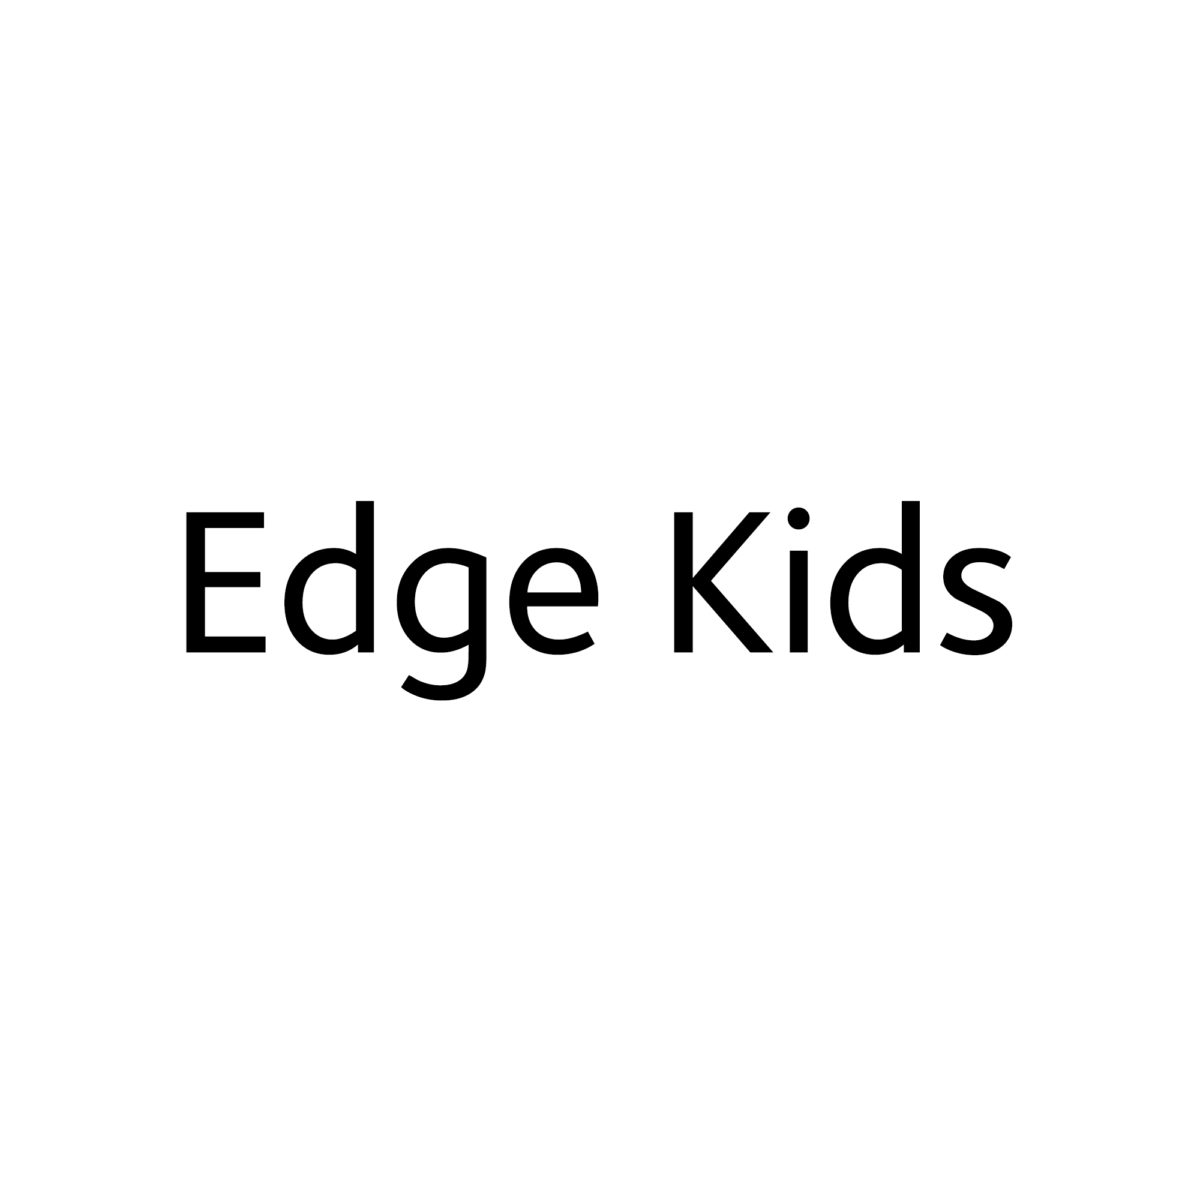 إيدج كيدز